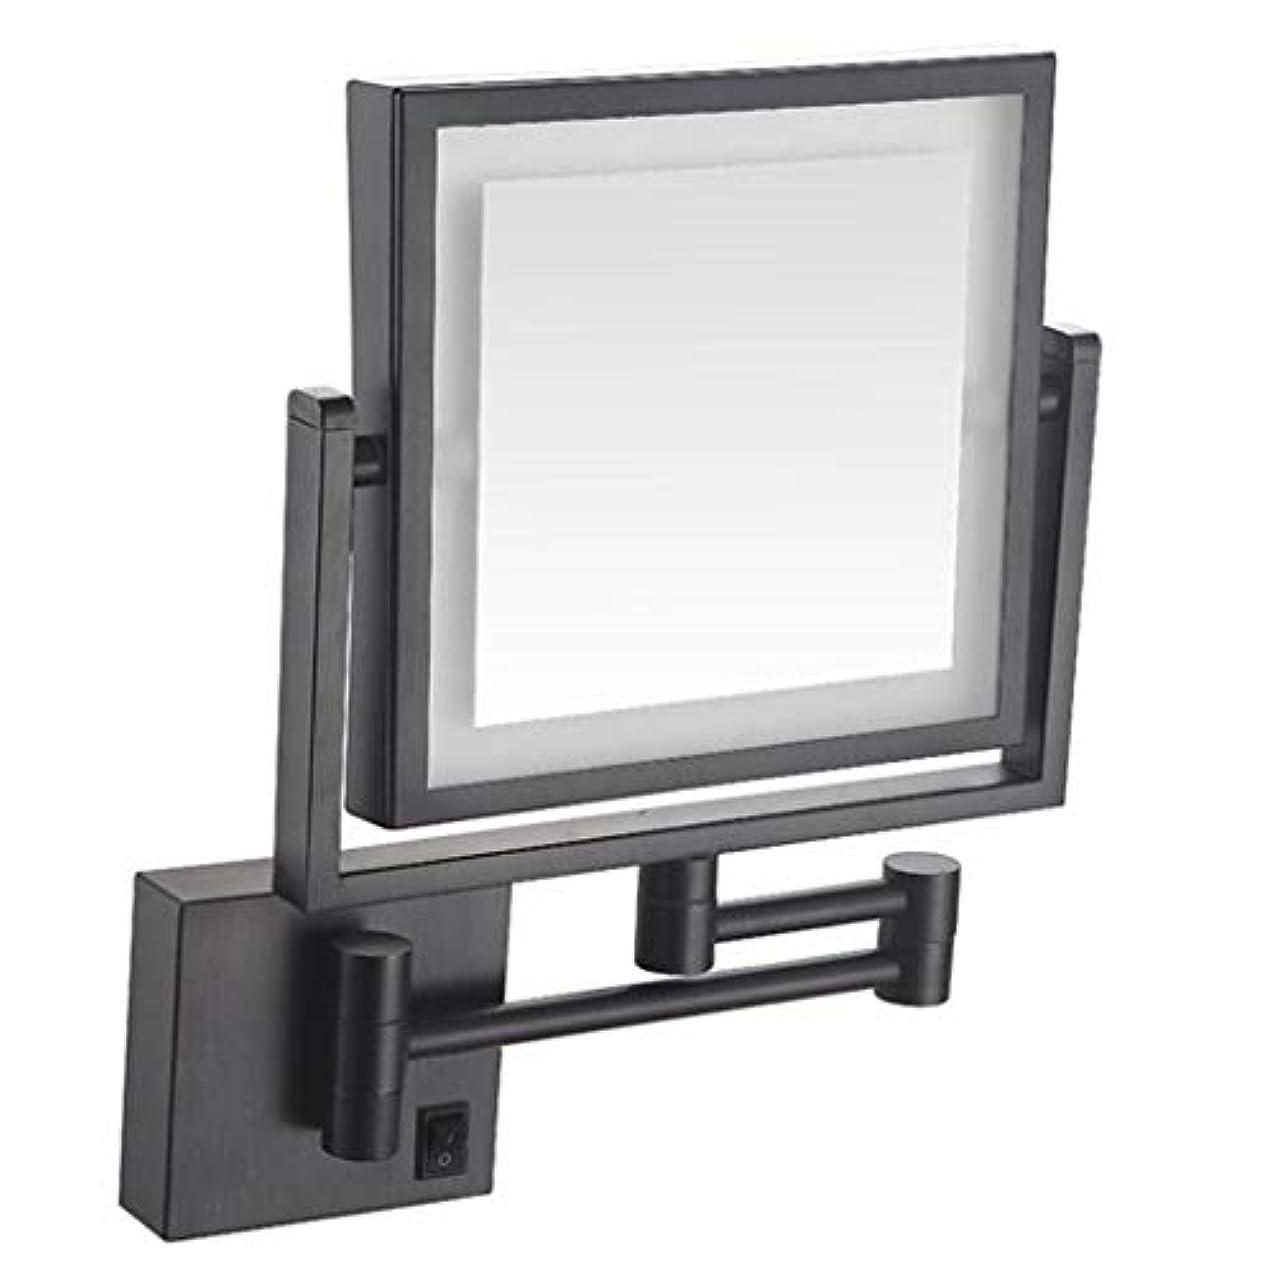 ステッチ再発する祝福するHUYYA バスルームメイクアップミラー LEDライト付き、3 倍拡大鏡 8インチ化粧鏡 シェービングミラー 壁付 バニティミラー 両面 寝室や浴室に適しています,Black_Hardwired connection